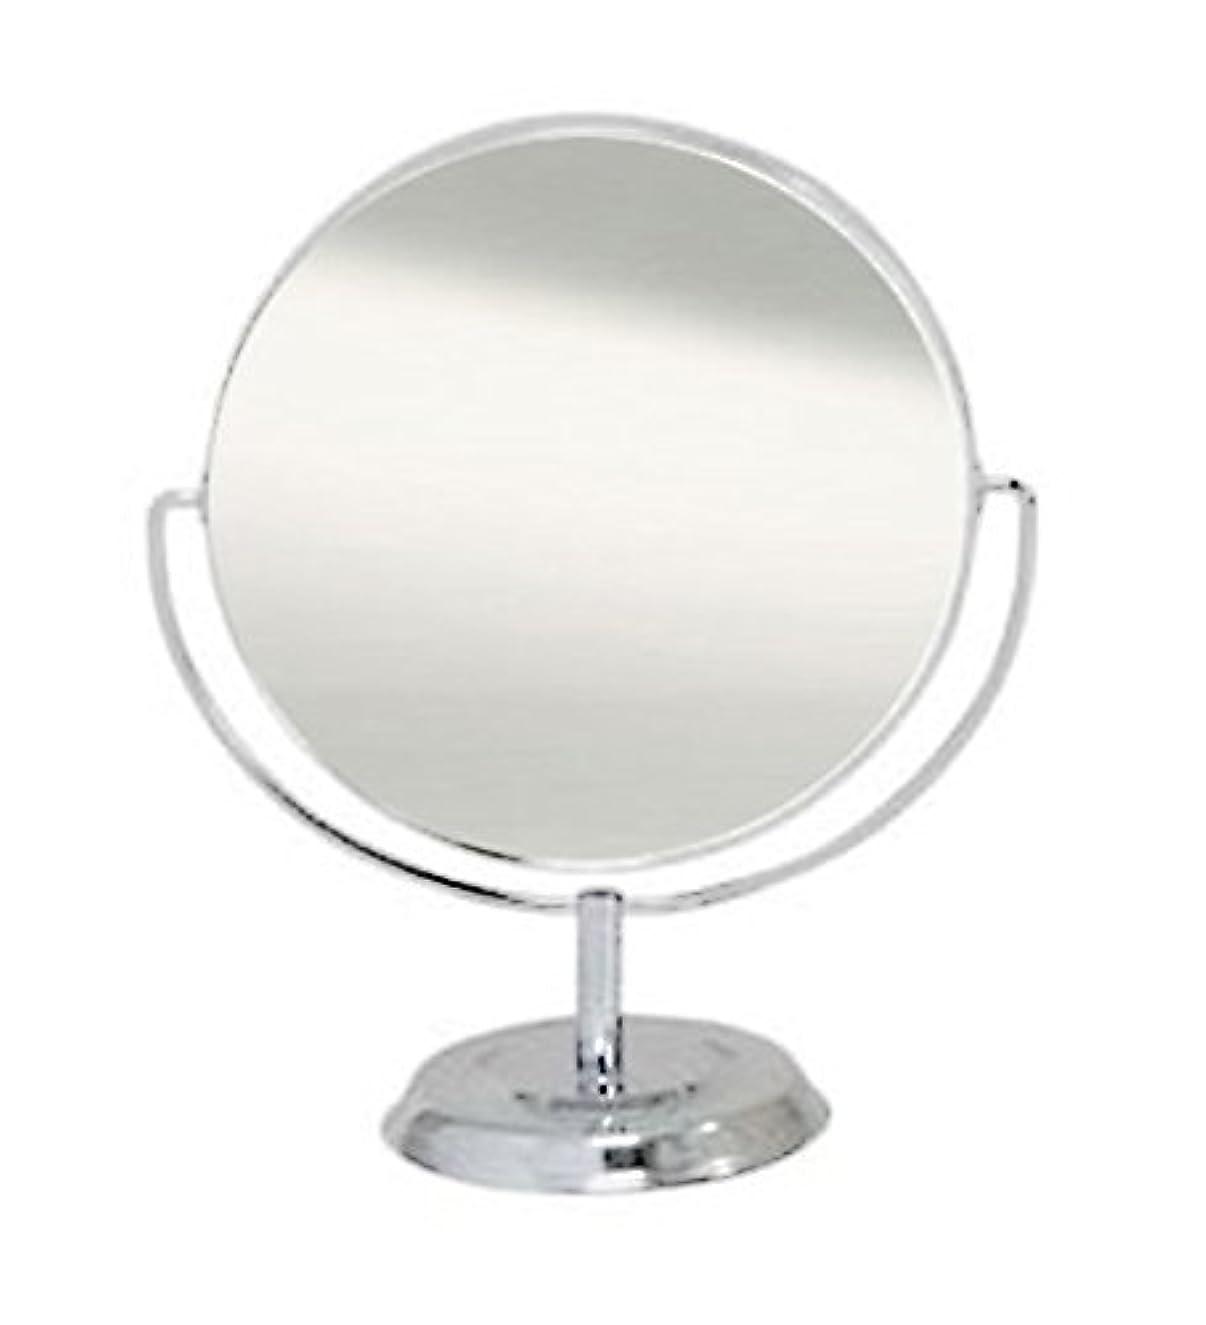 安いです必要としている合意鏡 卓上ミラー 丸型 両面 拡大鏡約2倍付 No.5860 シルバー